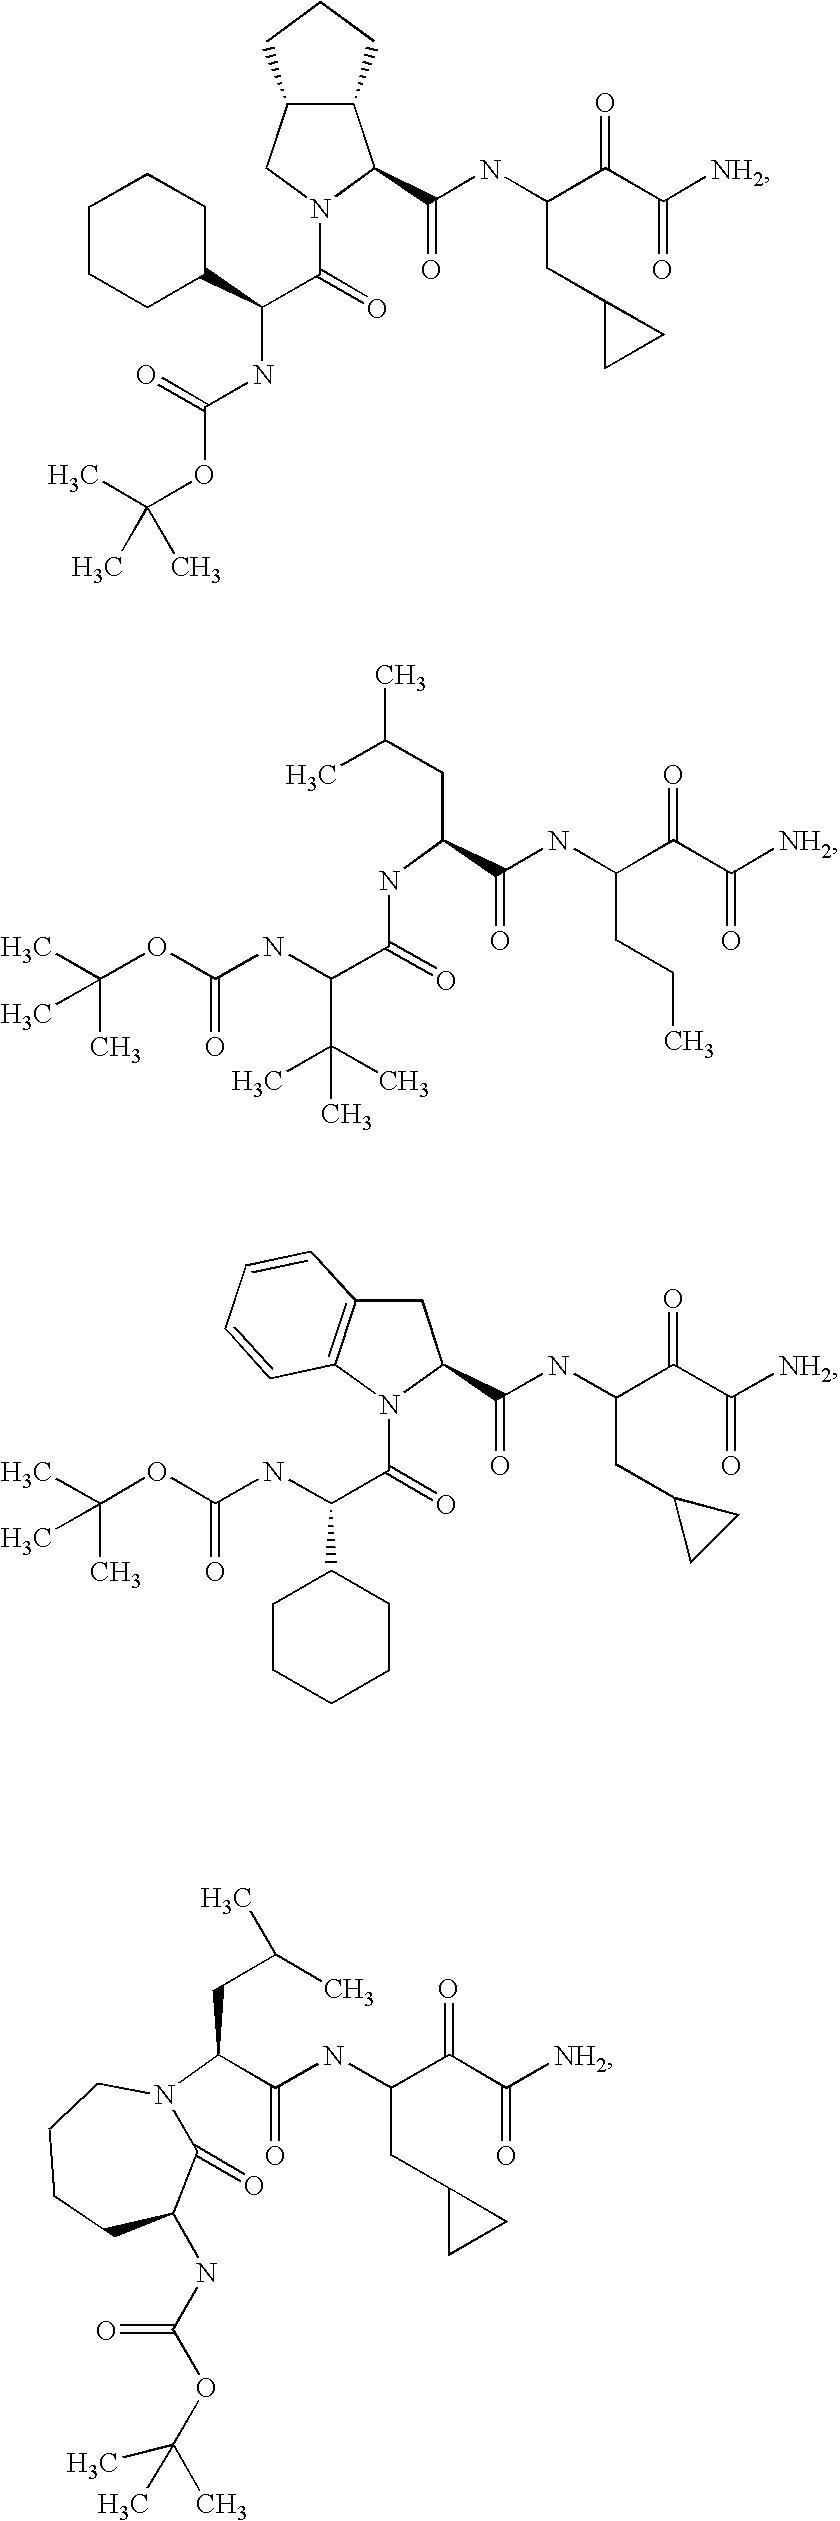 Figure US20060276404A1-20061207-C00245